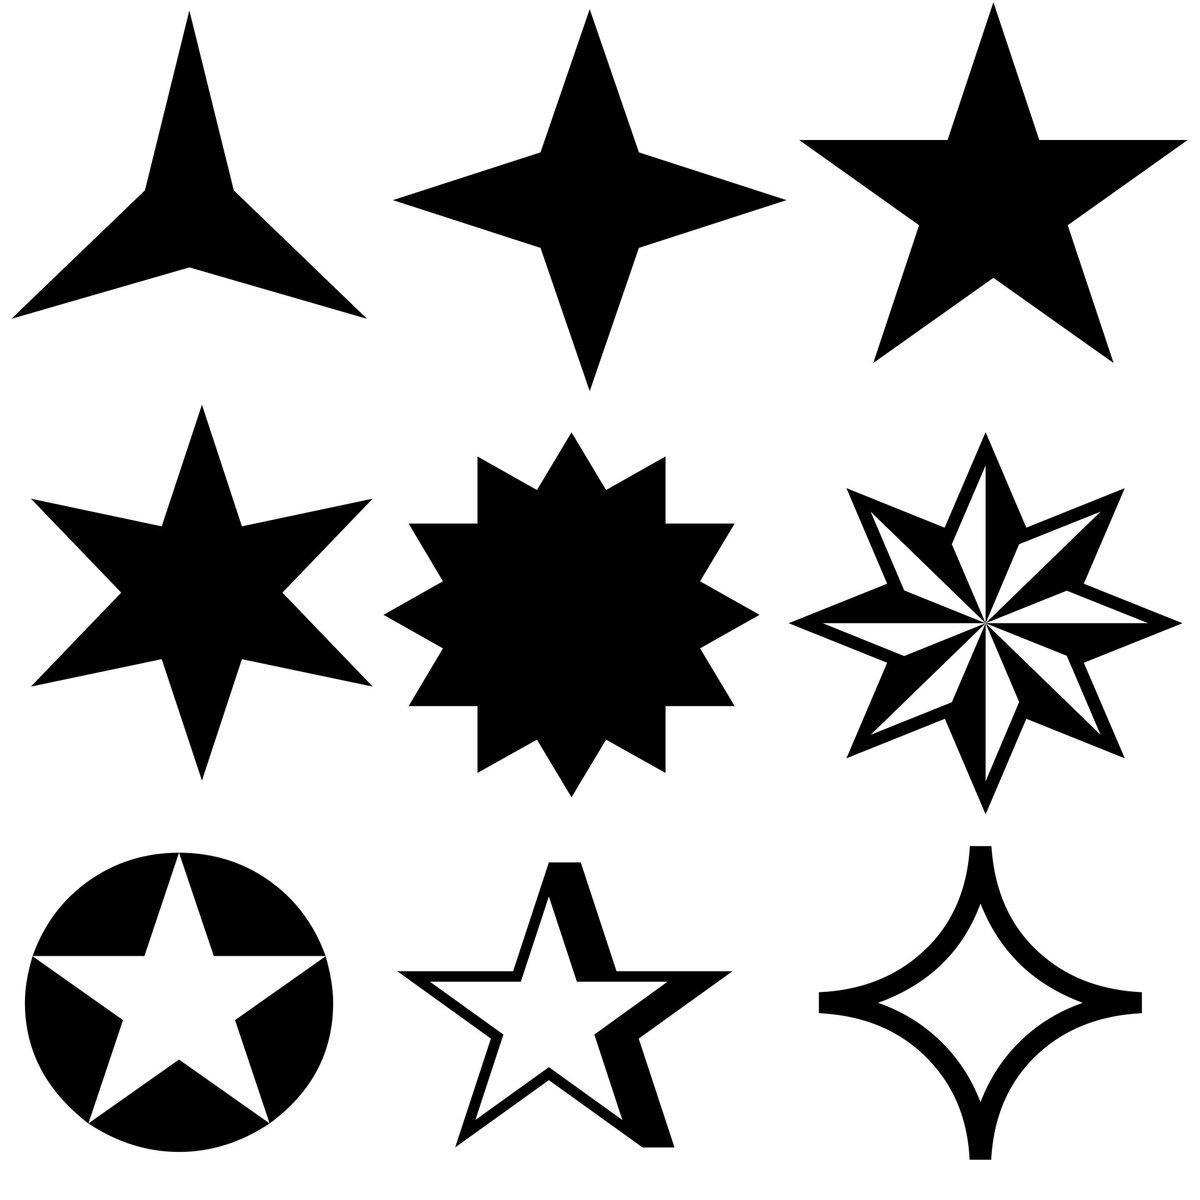 всего черная звезда картинки отзыв